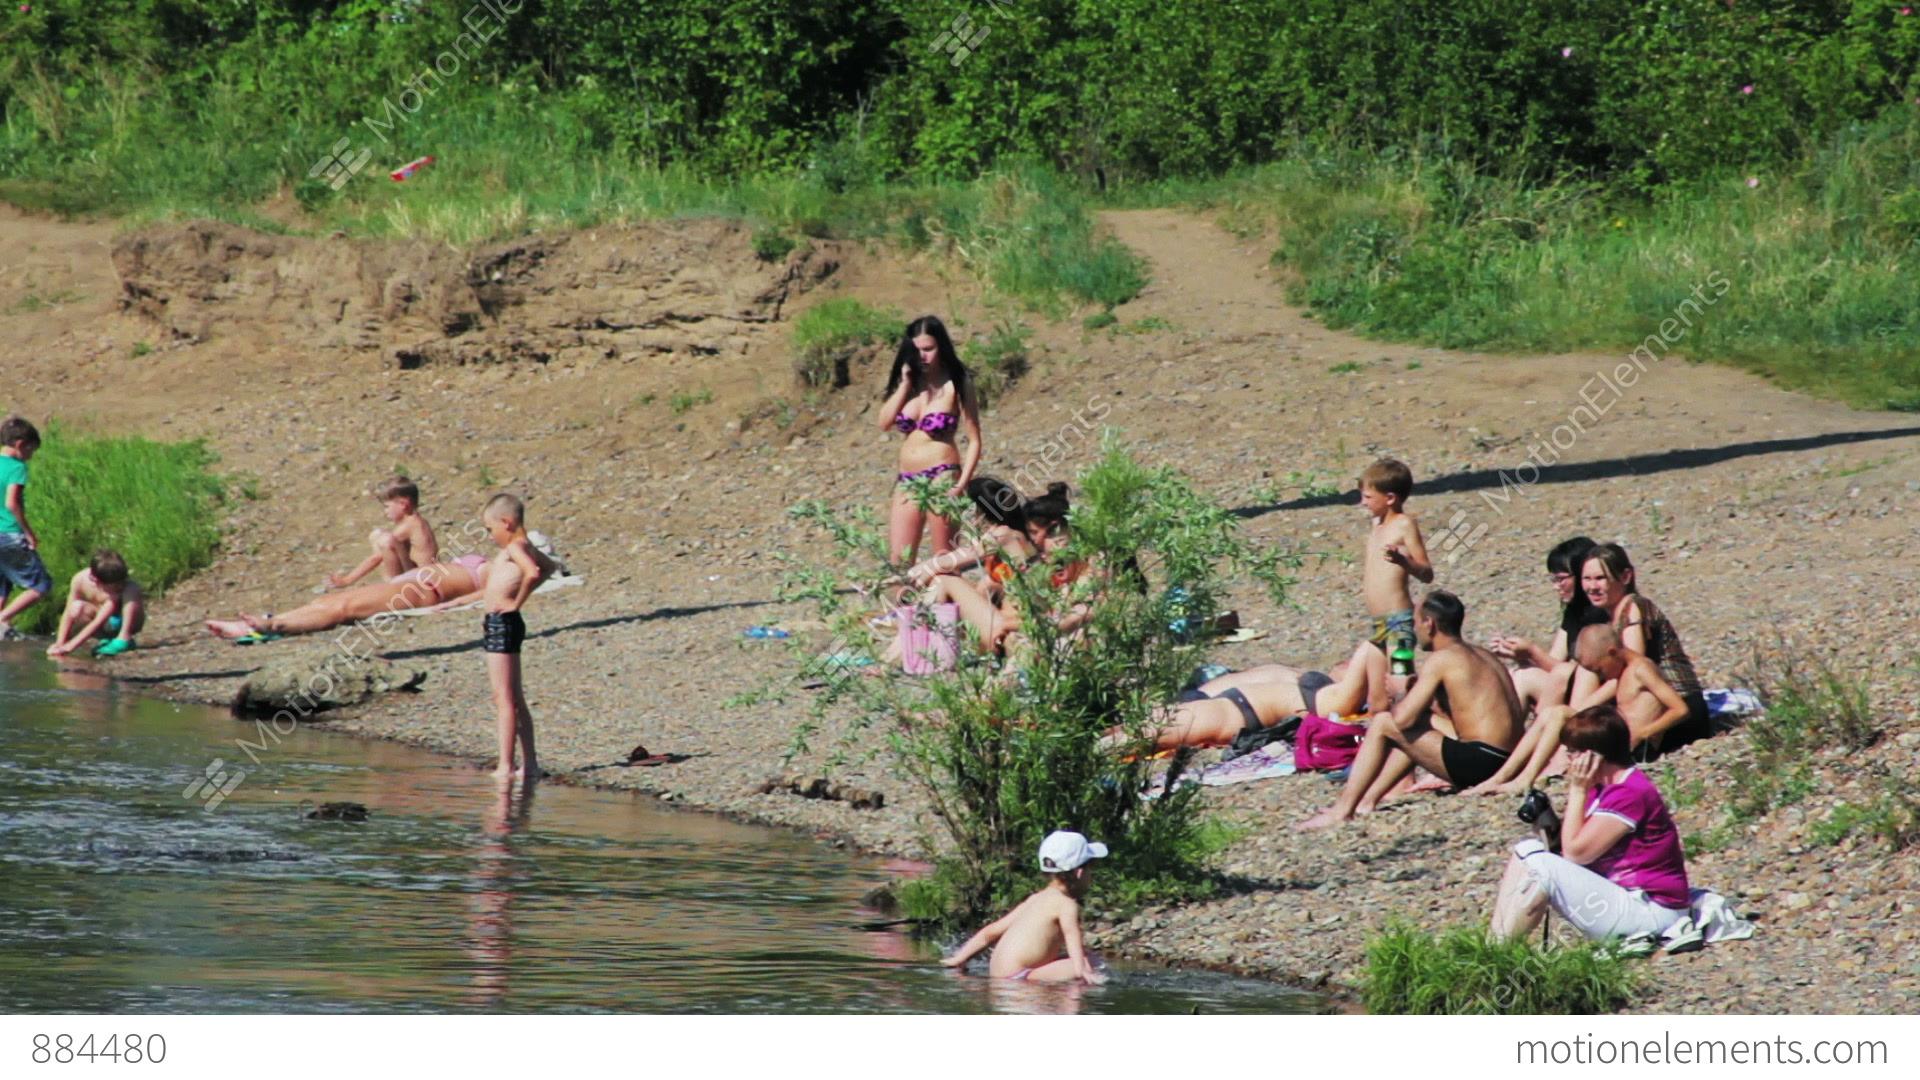 Люди на пляже фото дикий пляж